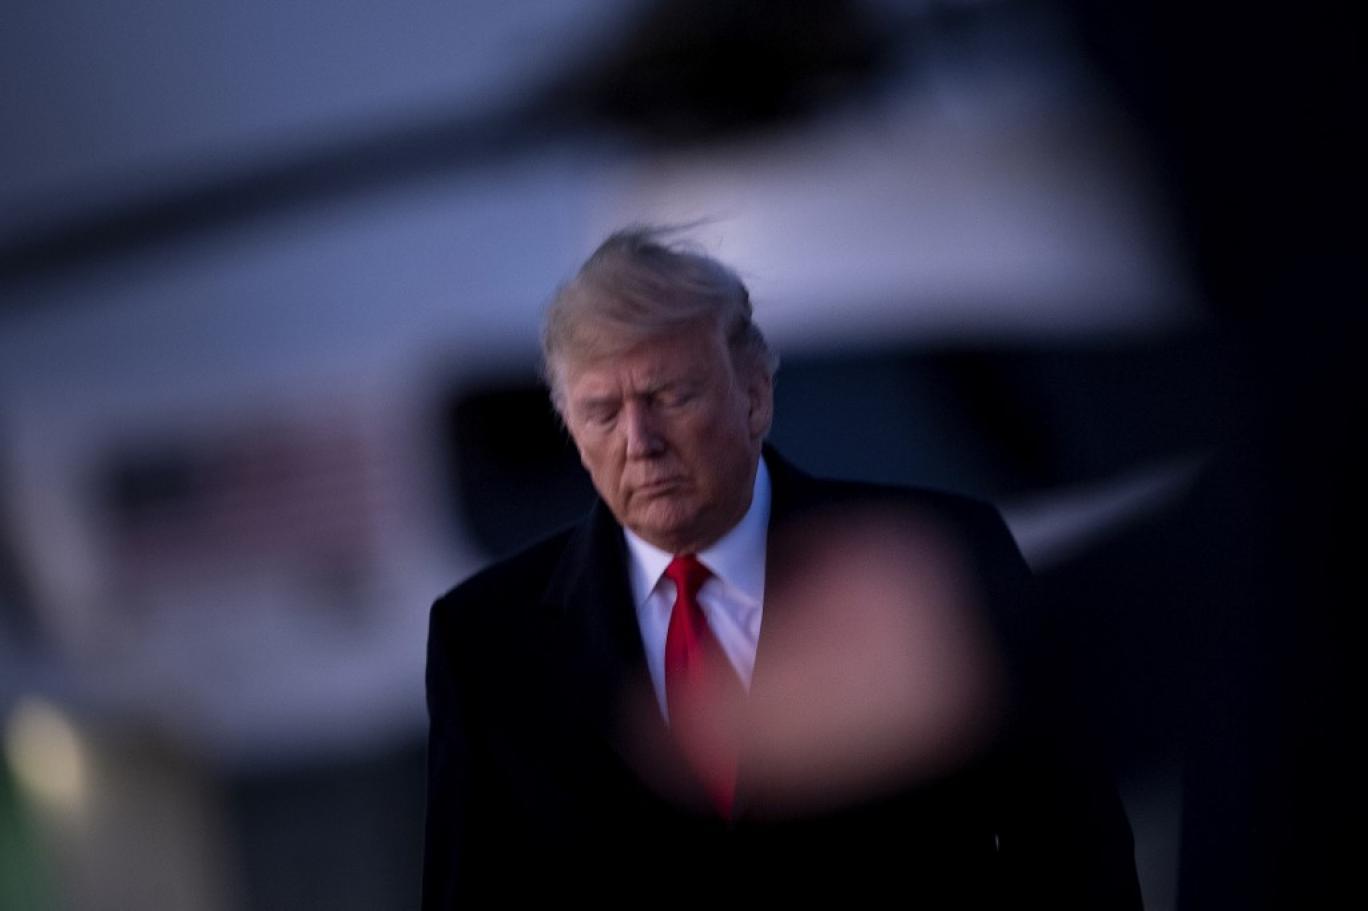 داستان دو ترامپ: رئیس جمهوری با دو شخصیت متضاد///